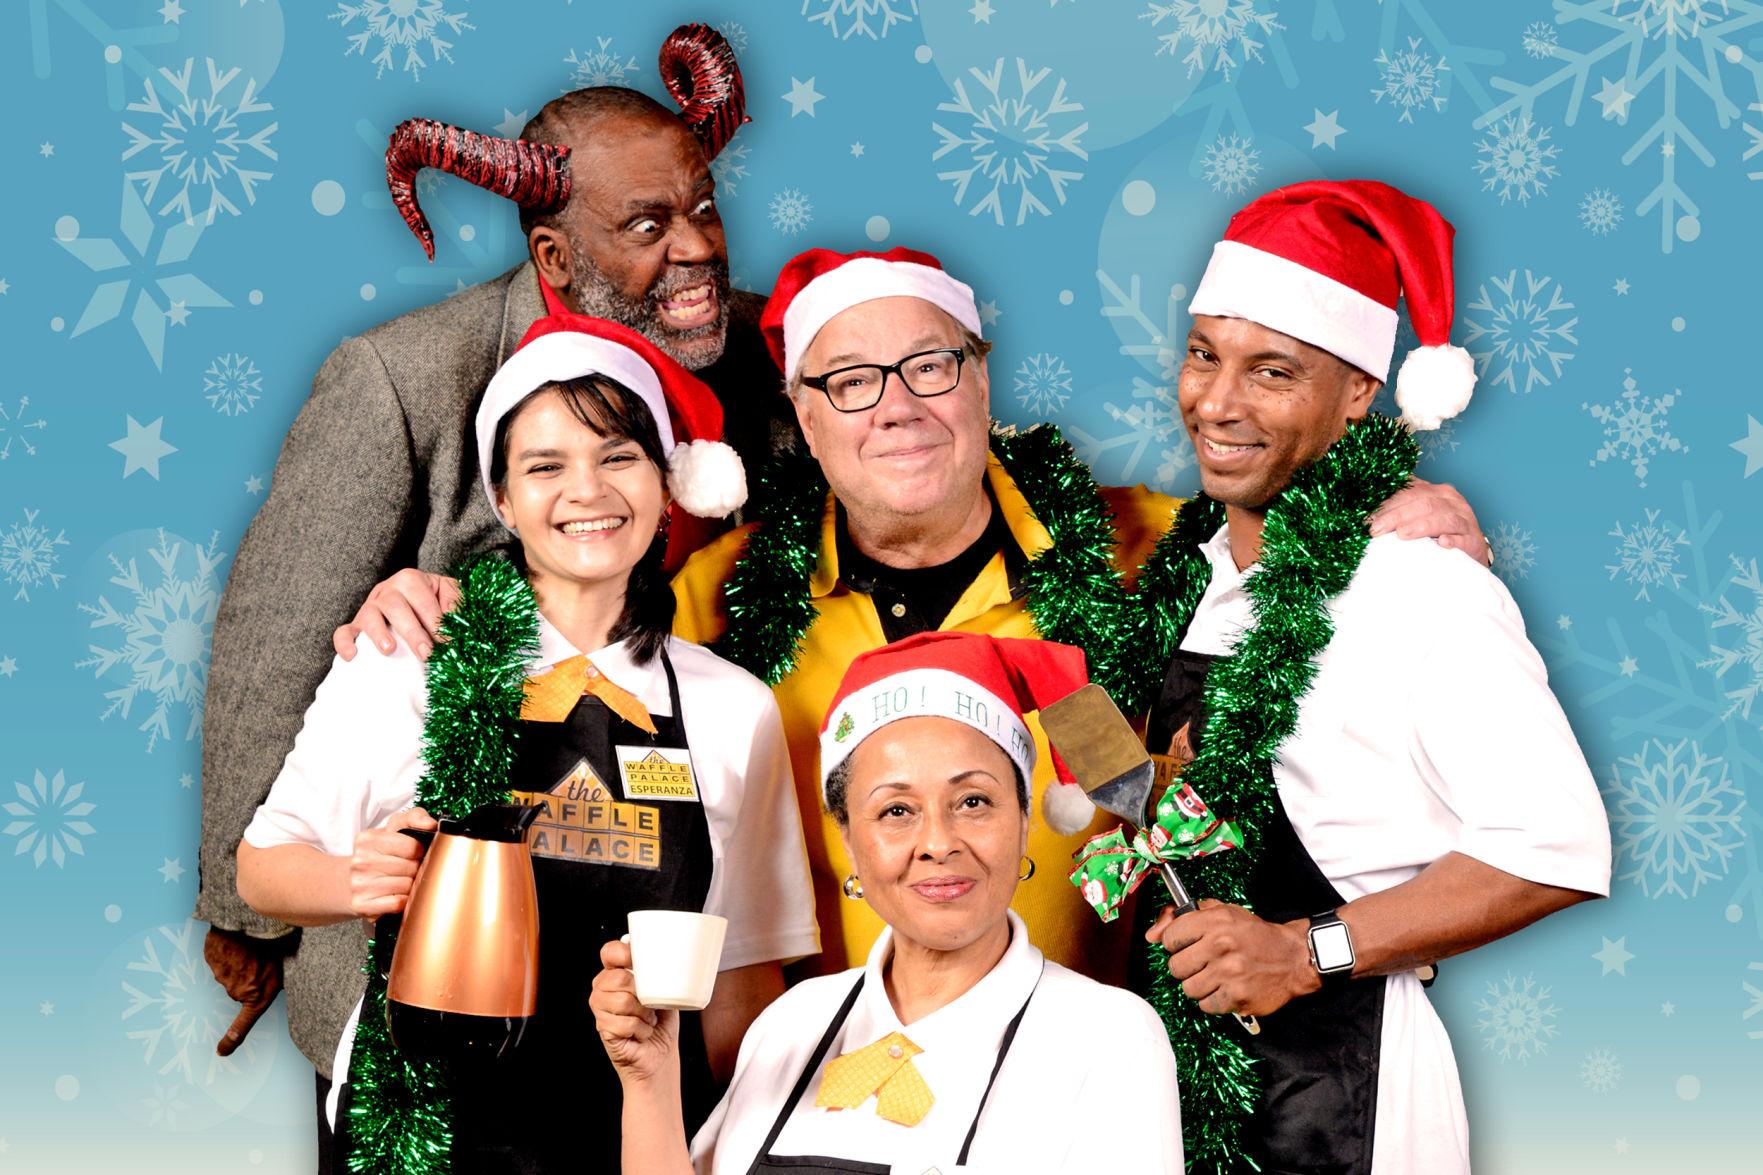 U0027Waffle Palace Christmasu0027 Bringing Holiday Hilarity To Horizon